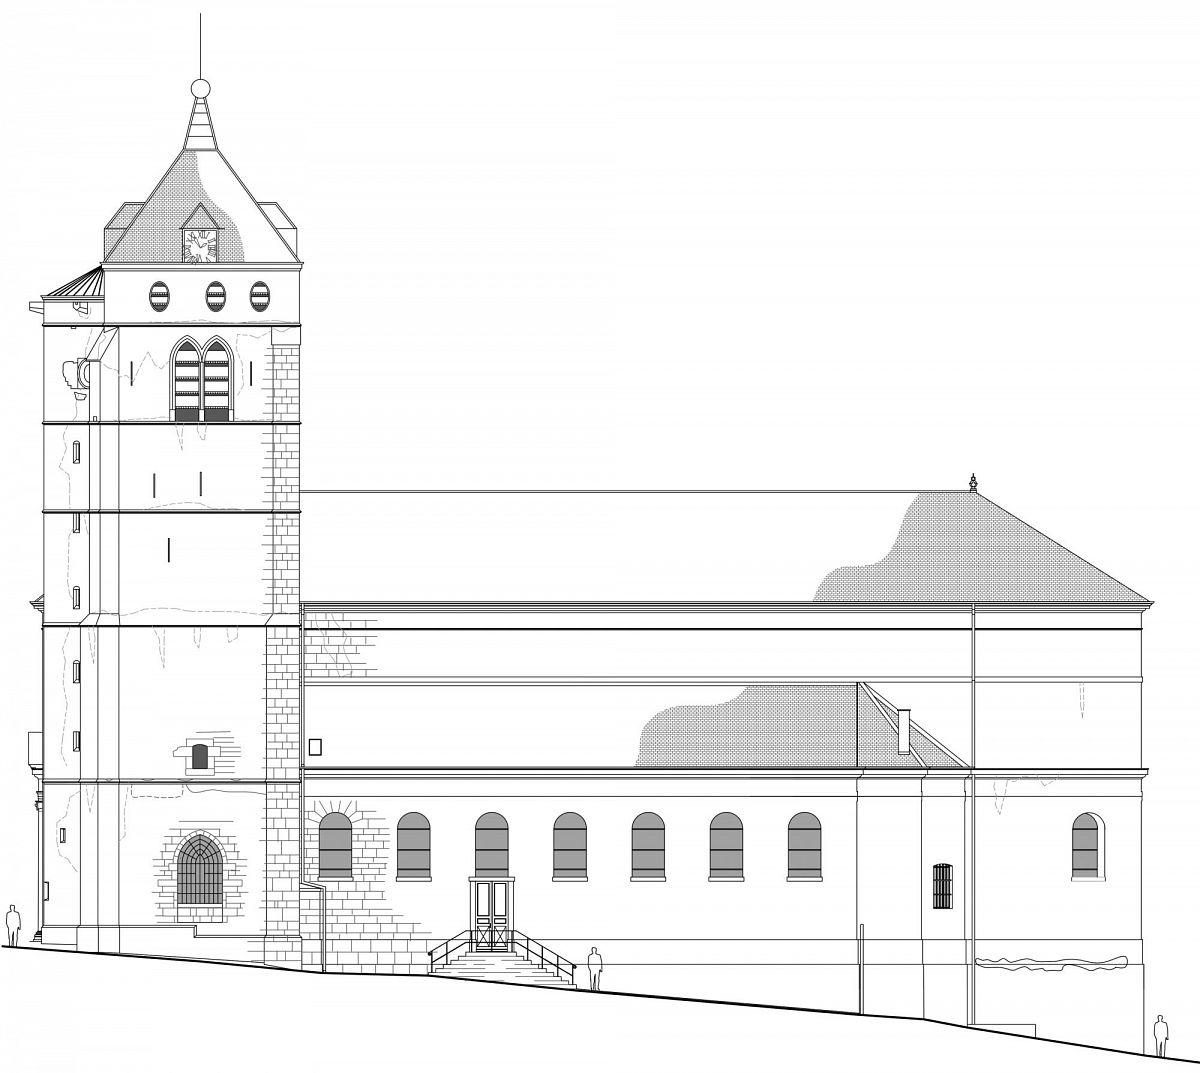 Champlitte - Eglise St-Christophe (70) [4]